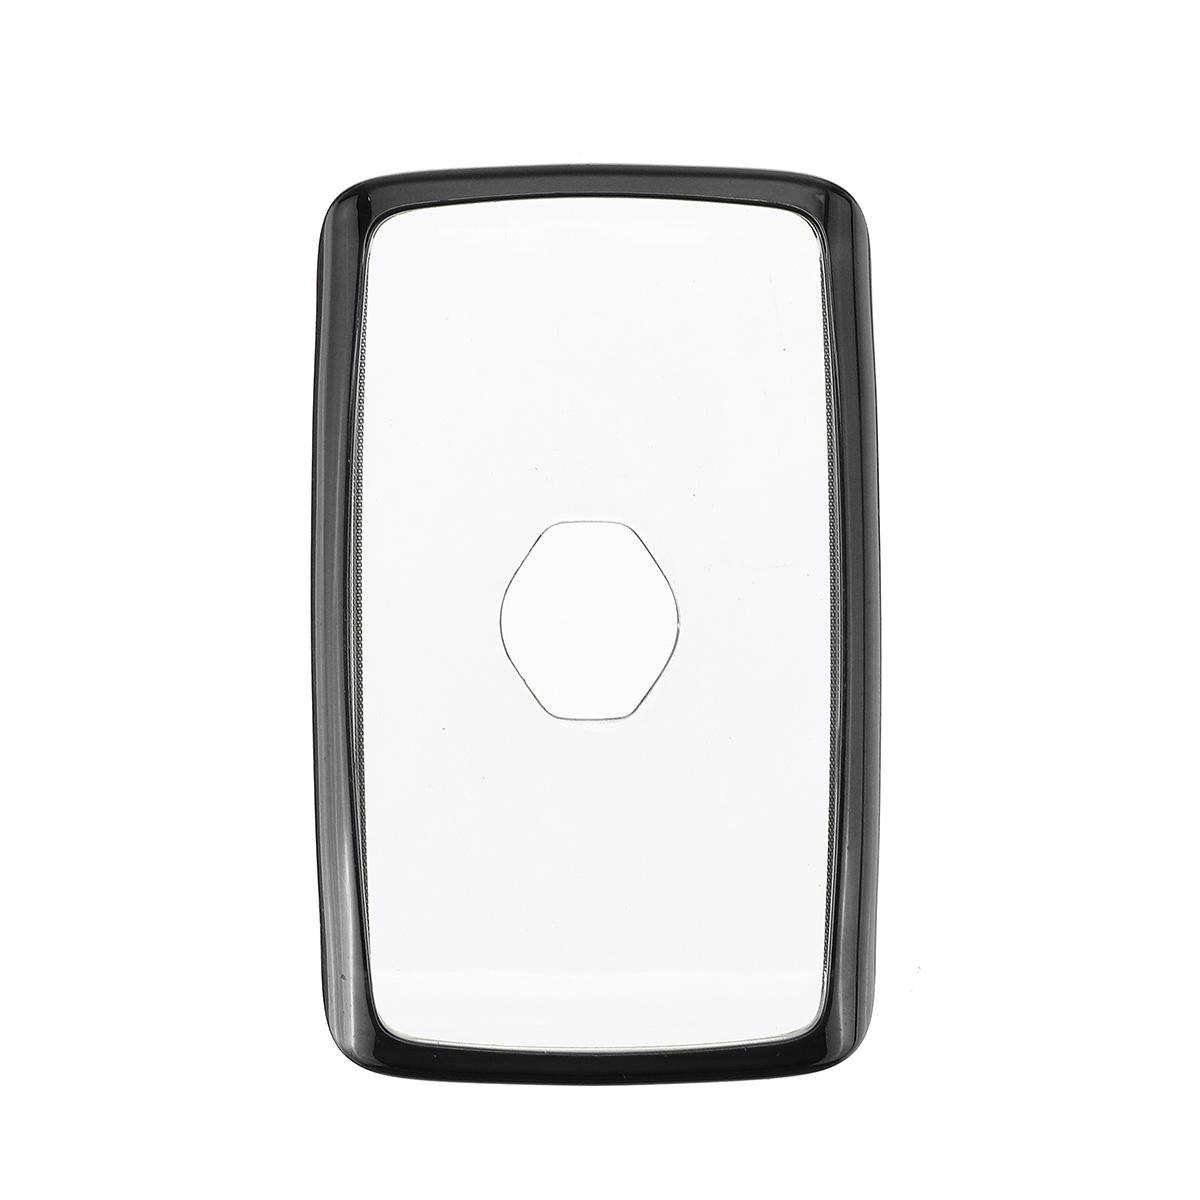 Tpu Case Car Remote Key Cover For Renault Clio Kadjar